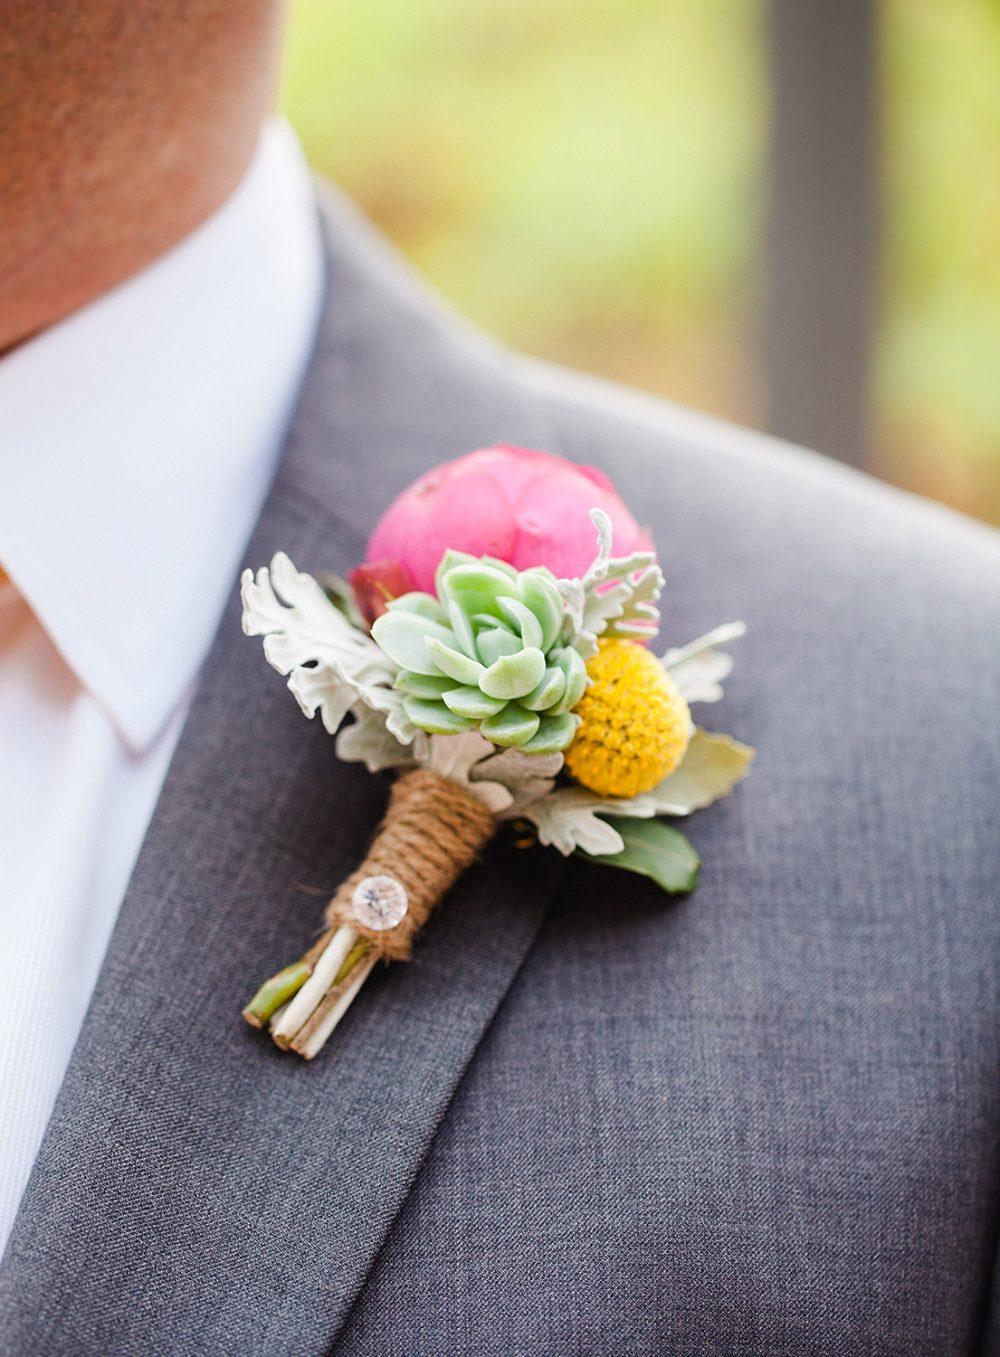 Braut Bräutigam Blumen Anstecker Zürich Bern Gstaad Luzern Aarau Floristik und Dekoration Hochzeit Wedding Floral Design Tabea Maria-Lisa pink gelb